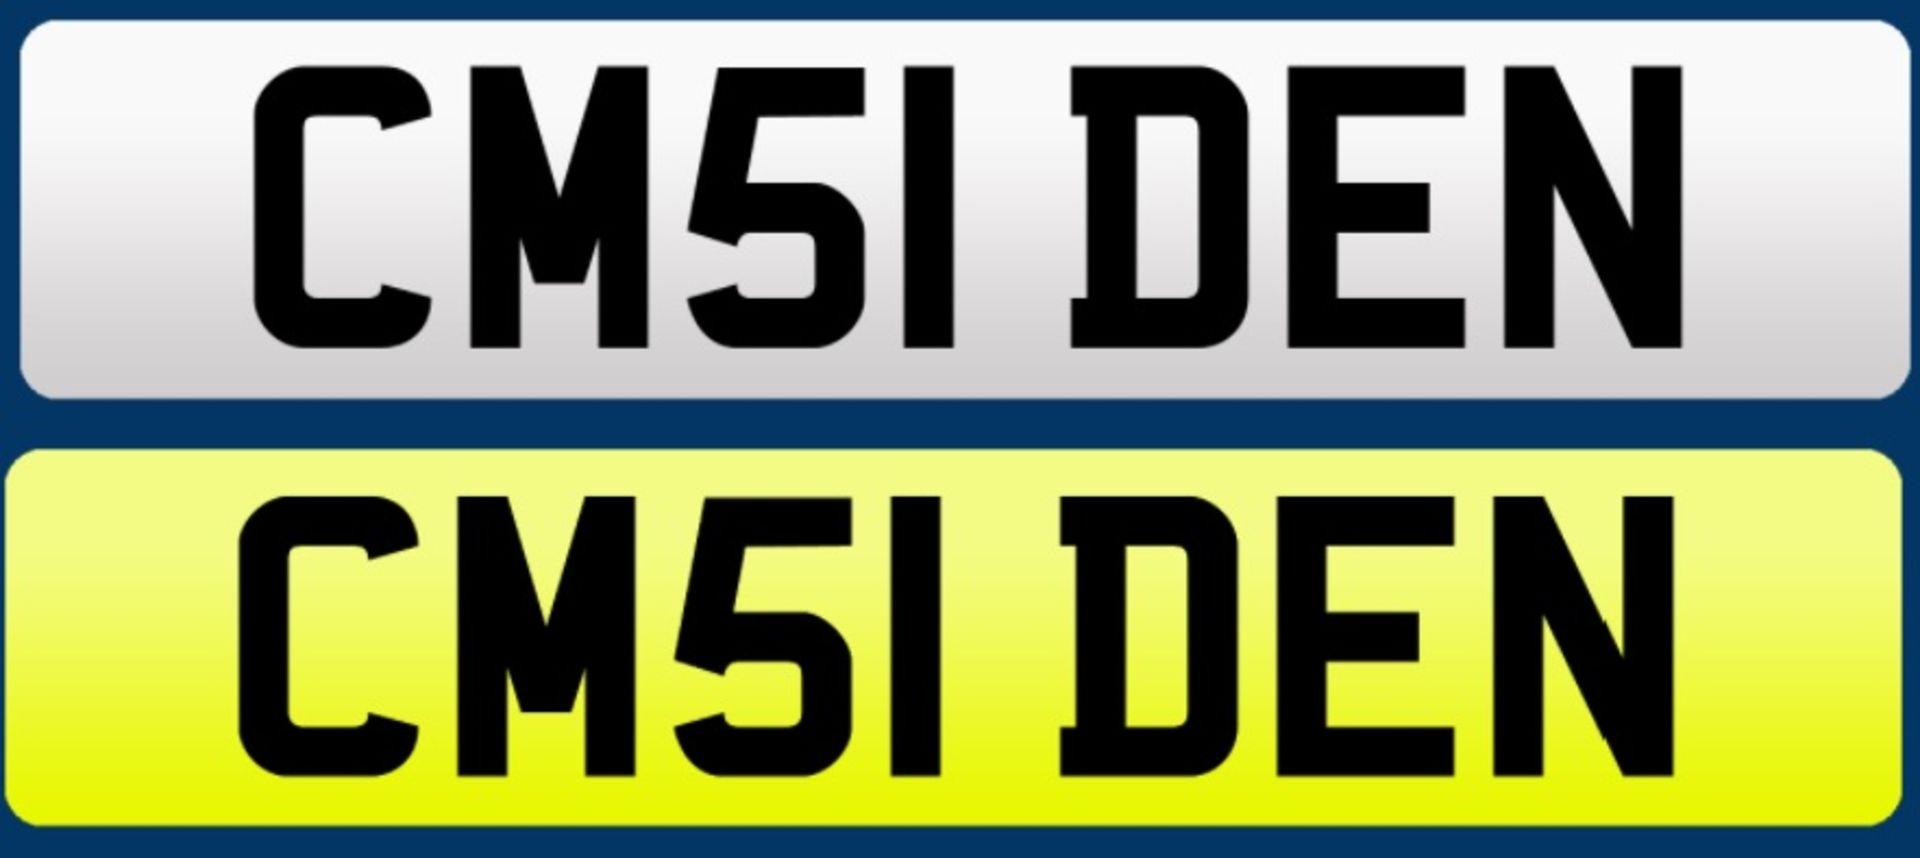 CM51 DEN CHERISHED NUMBER PLATE - CURRENTLY ON RETENTION *NO VAT*